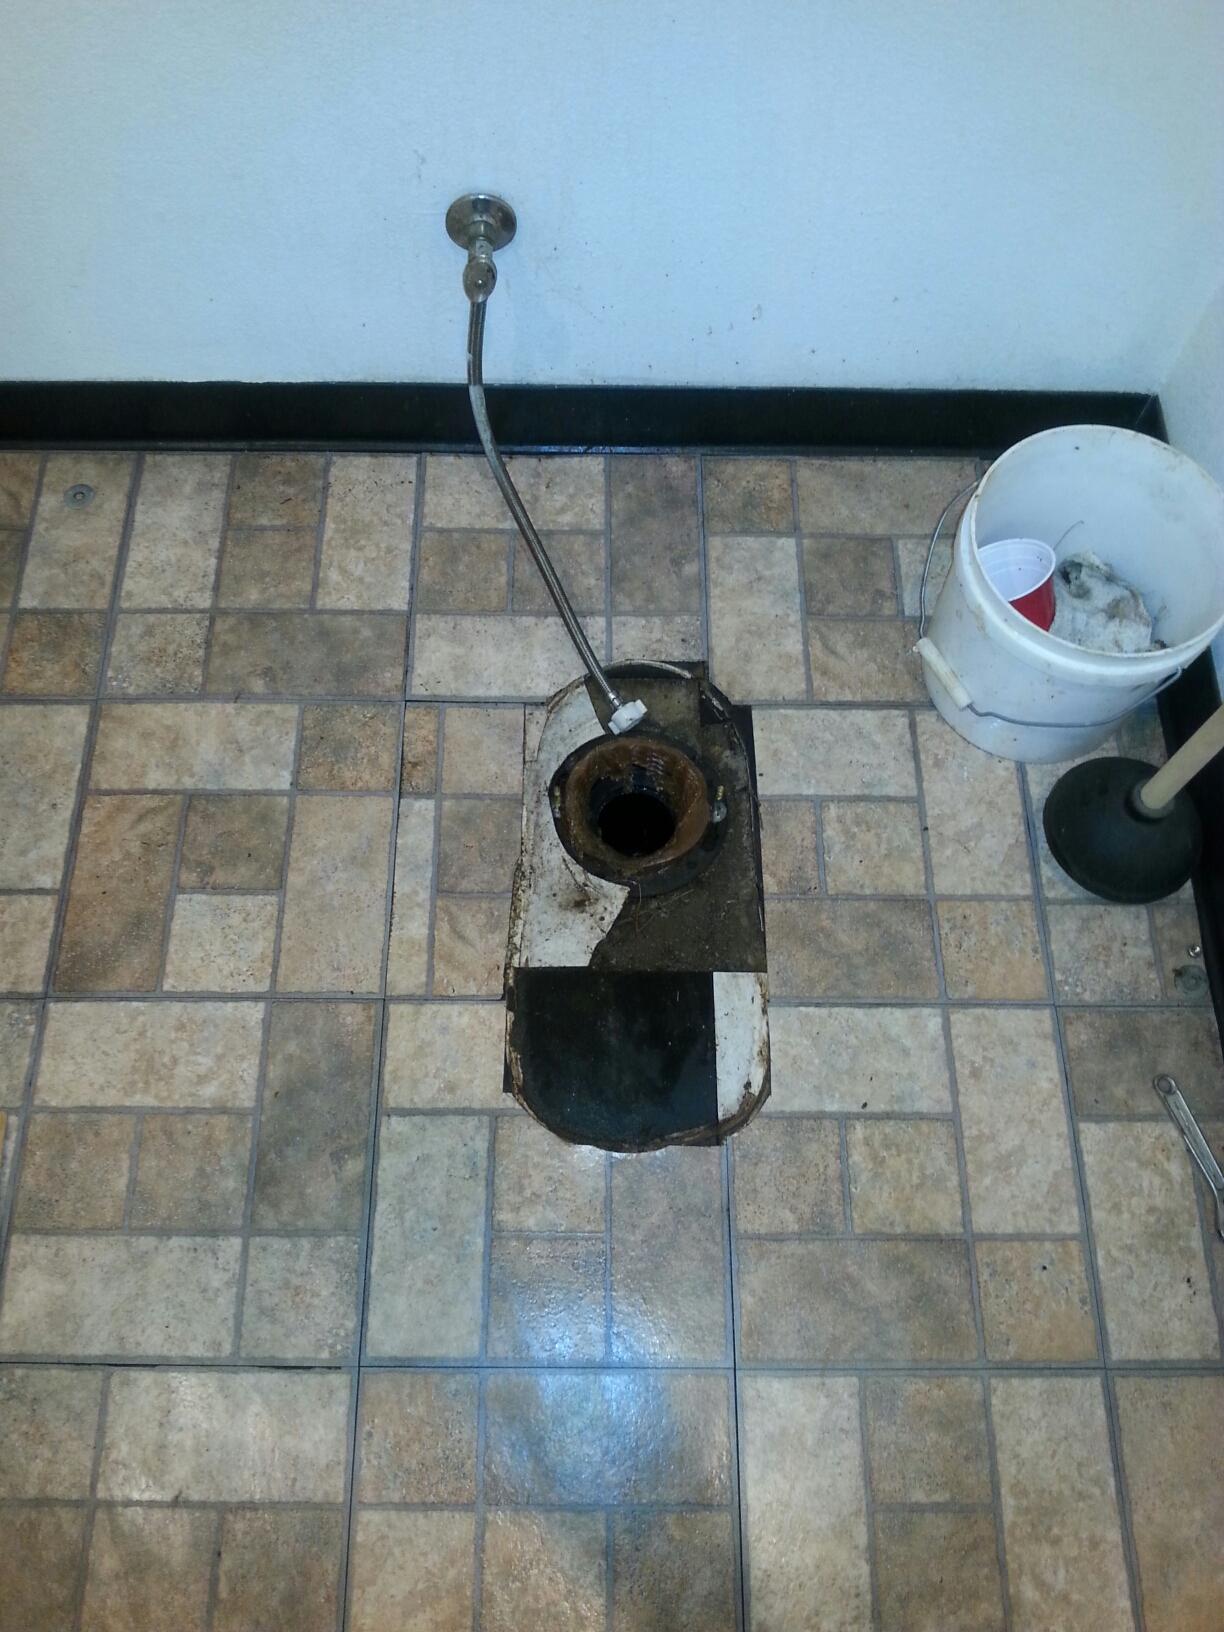 Sacramento, CA - Sacramento camera check of the sewer line.